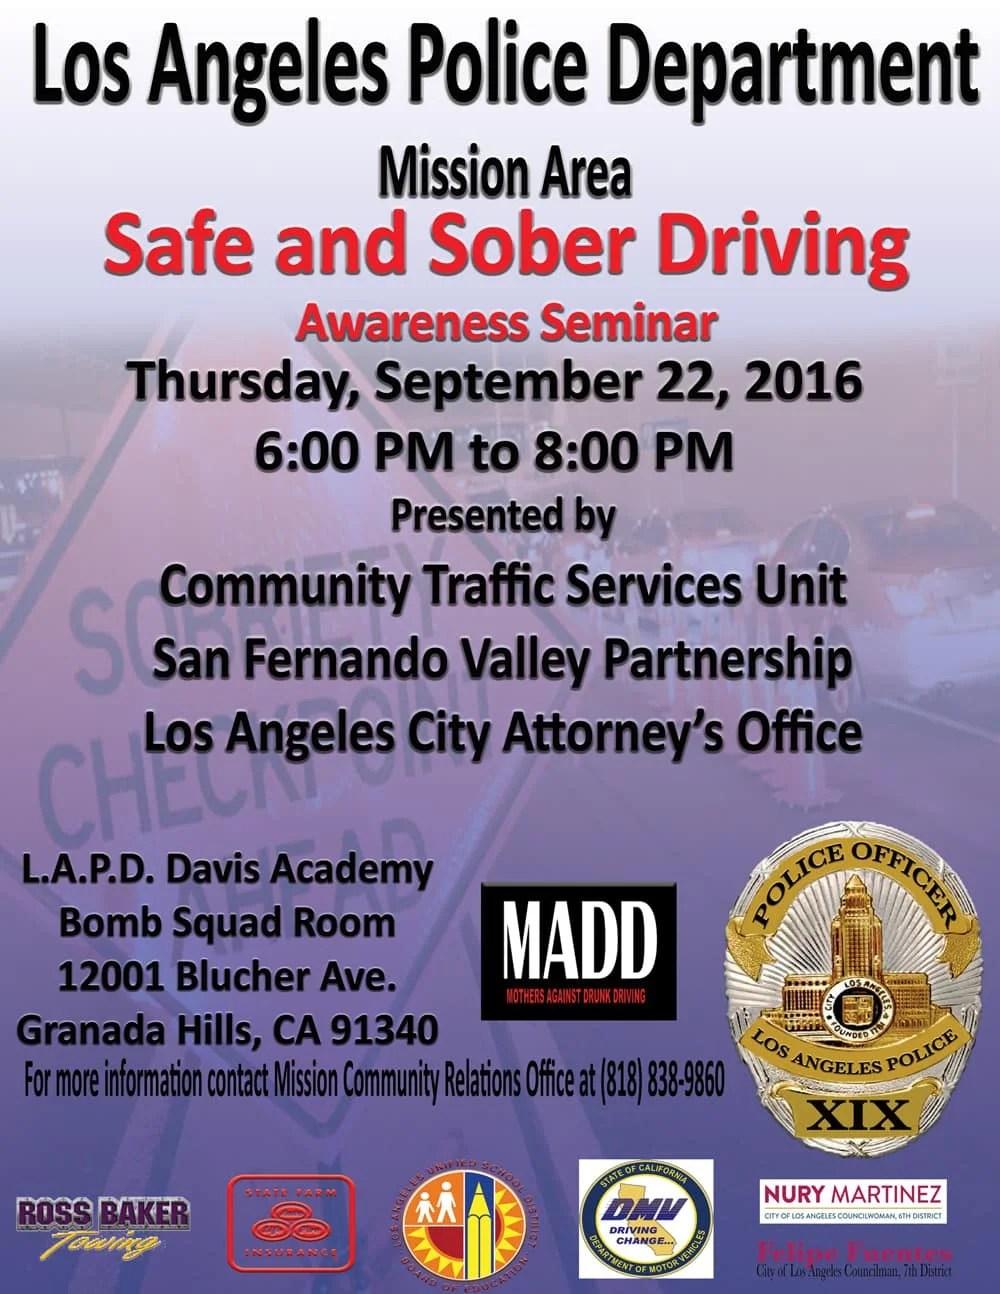 Safe and Sober Driving Awareness Seminar